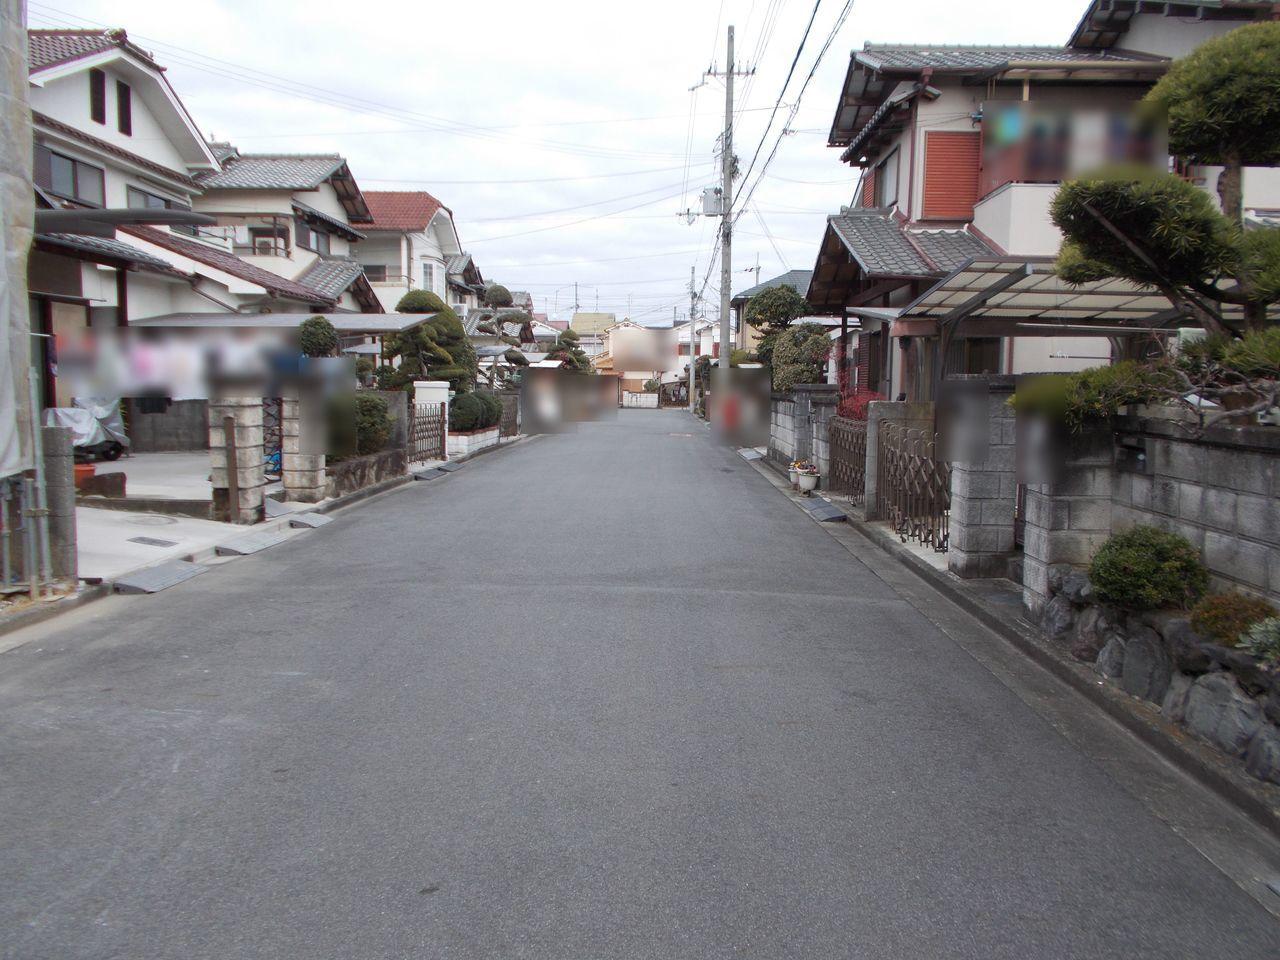 前面道路は約6mございます。 大型車でも出し入れ楽々。 車通りは少なく静かな環境です。